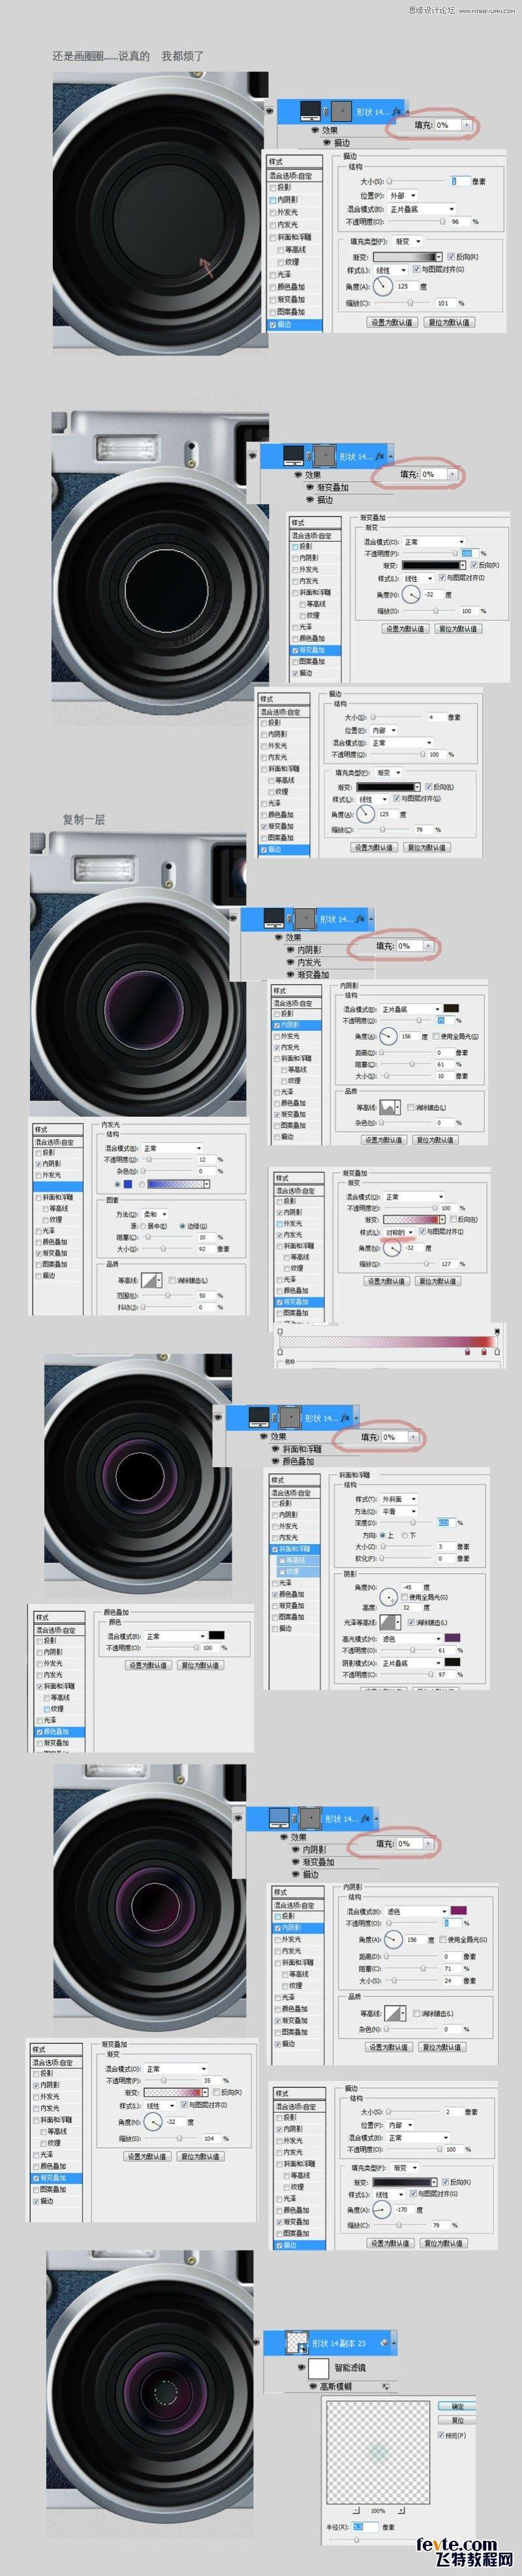 Photoshop鼠標逼真的寫實Fuji相機圖標